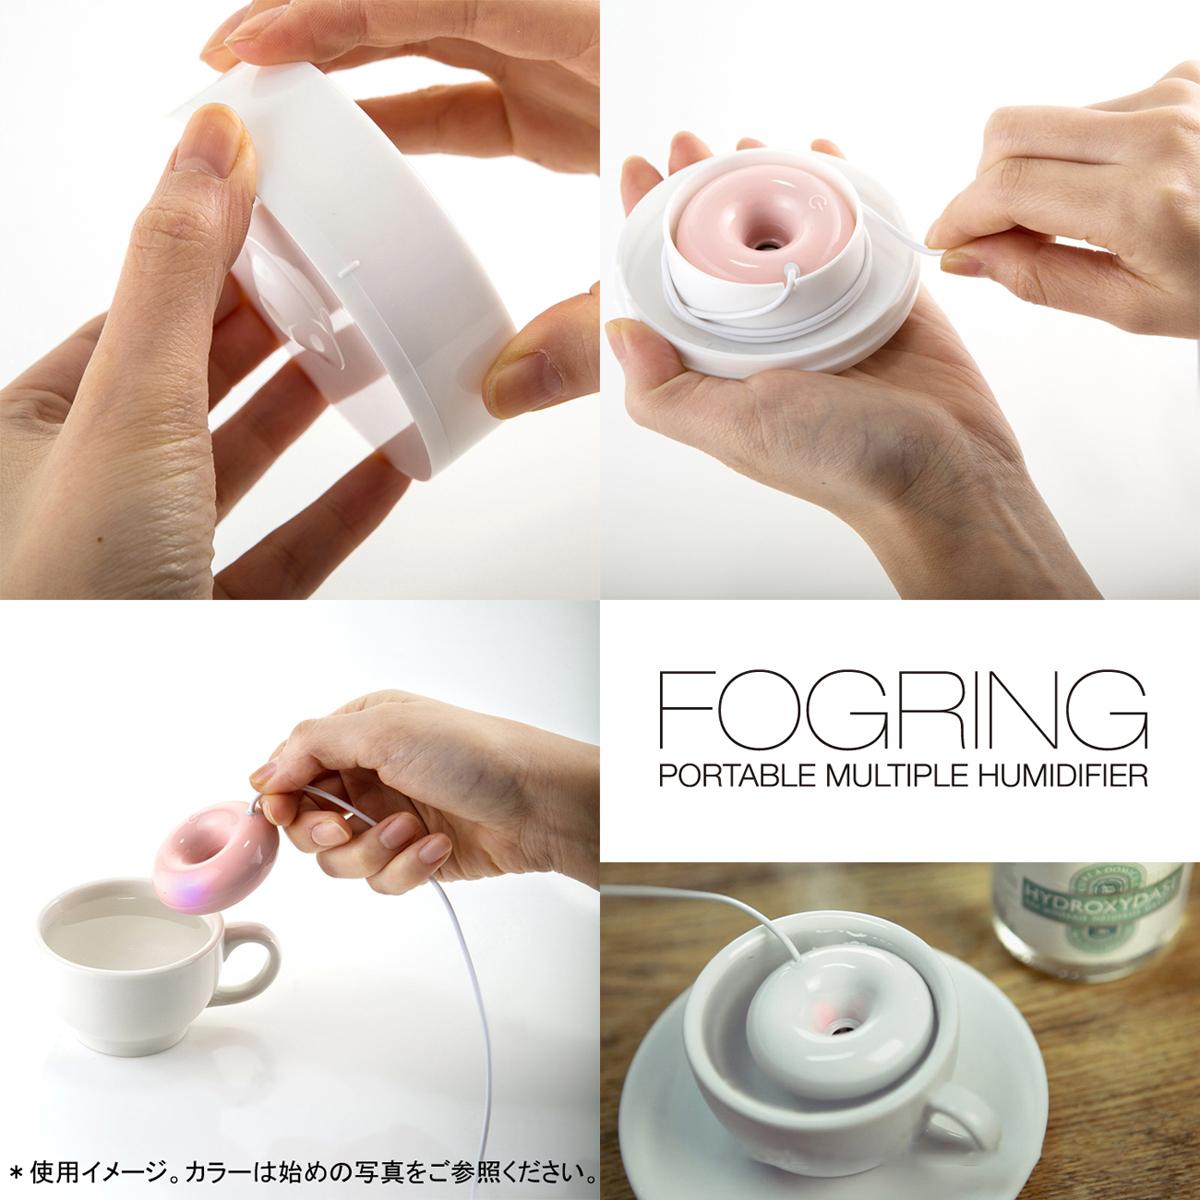 YO-KO FOGRING 3900WH(ホワイト)の商品画像|2